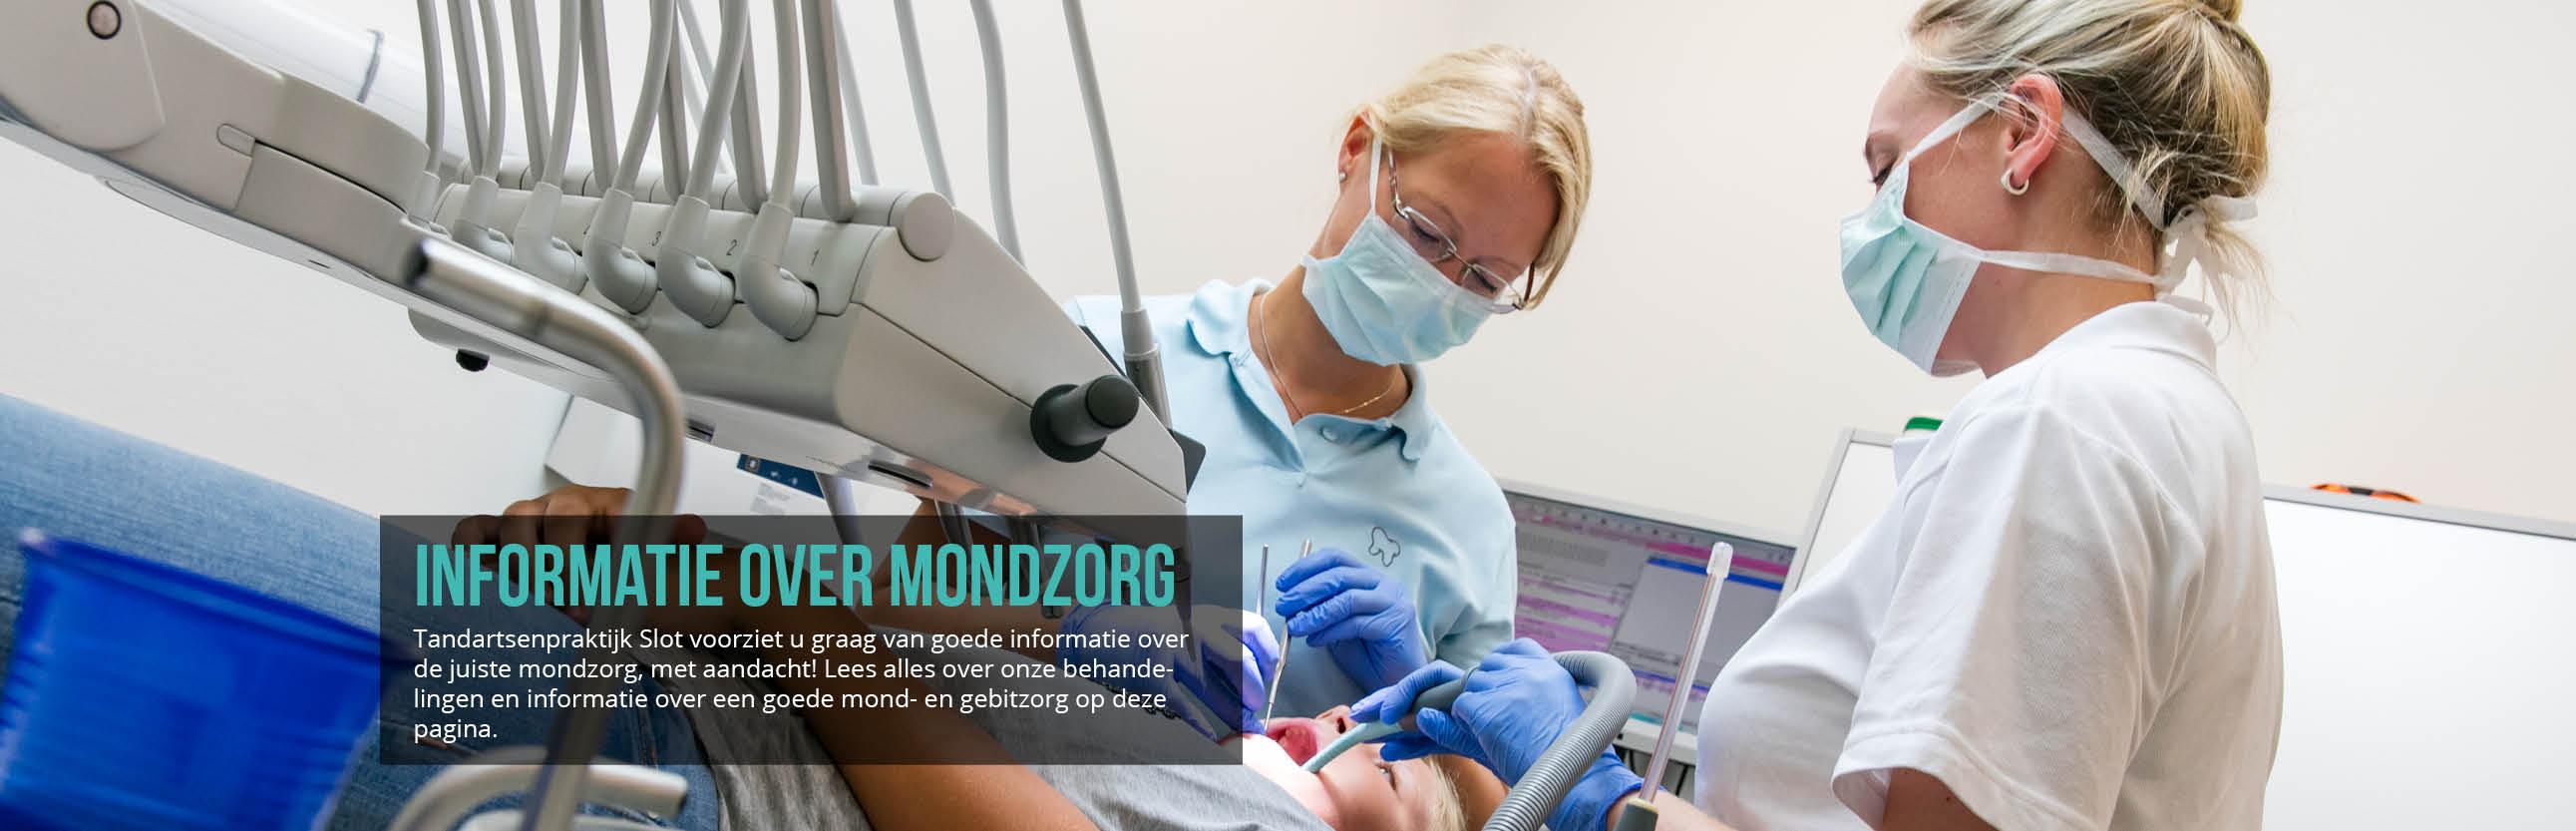 tandartsenpraktijk slot informatie over mondzorg